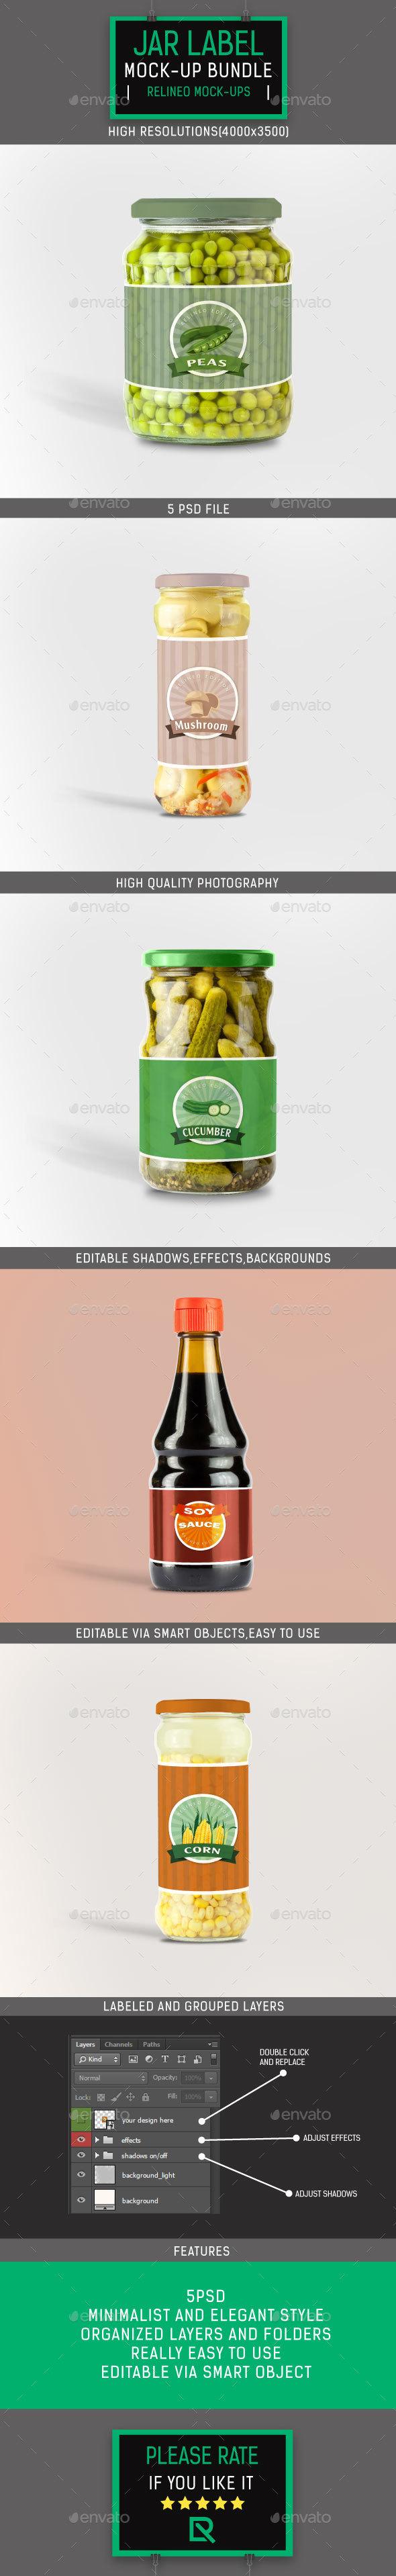 Jar Bottle Label Mock-up Bundle